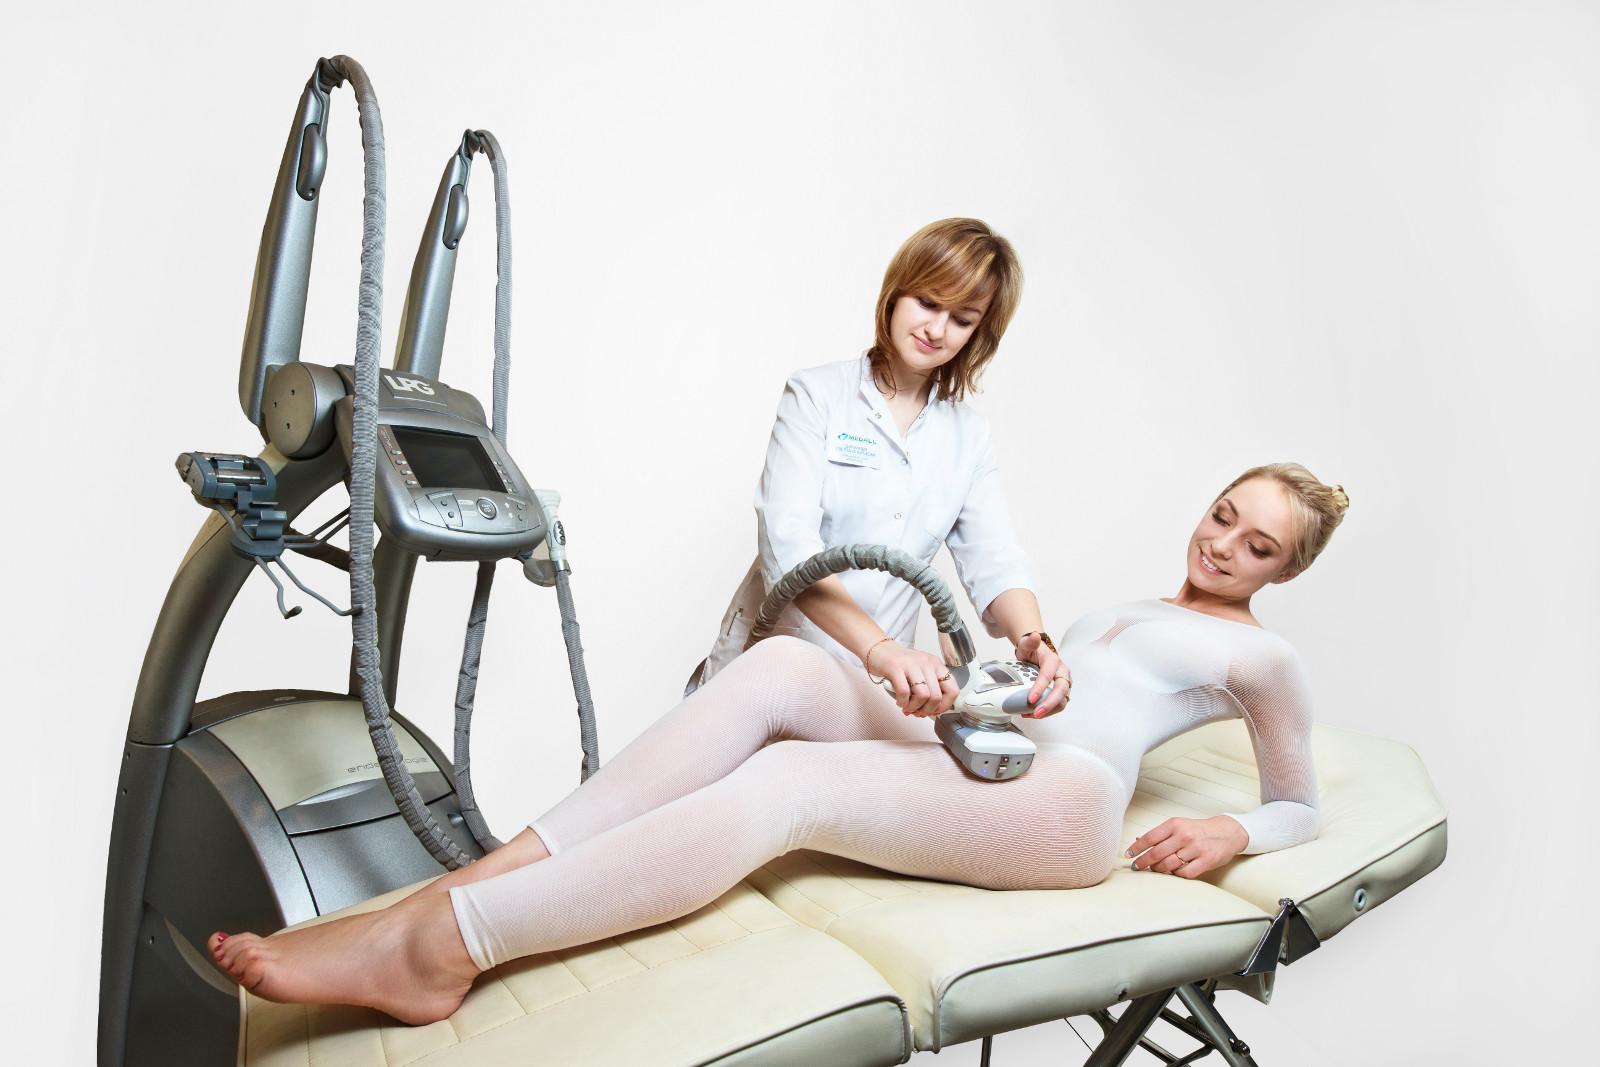 LPG массаж для лица: методика, показания и противопоказания